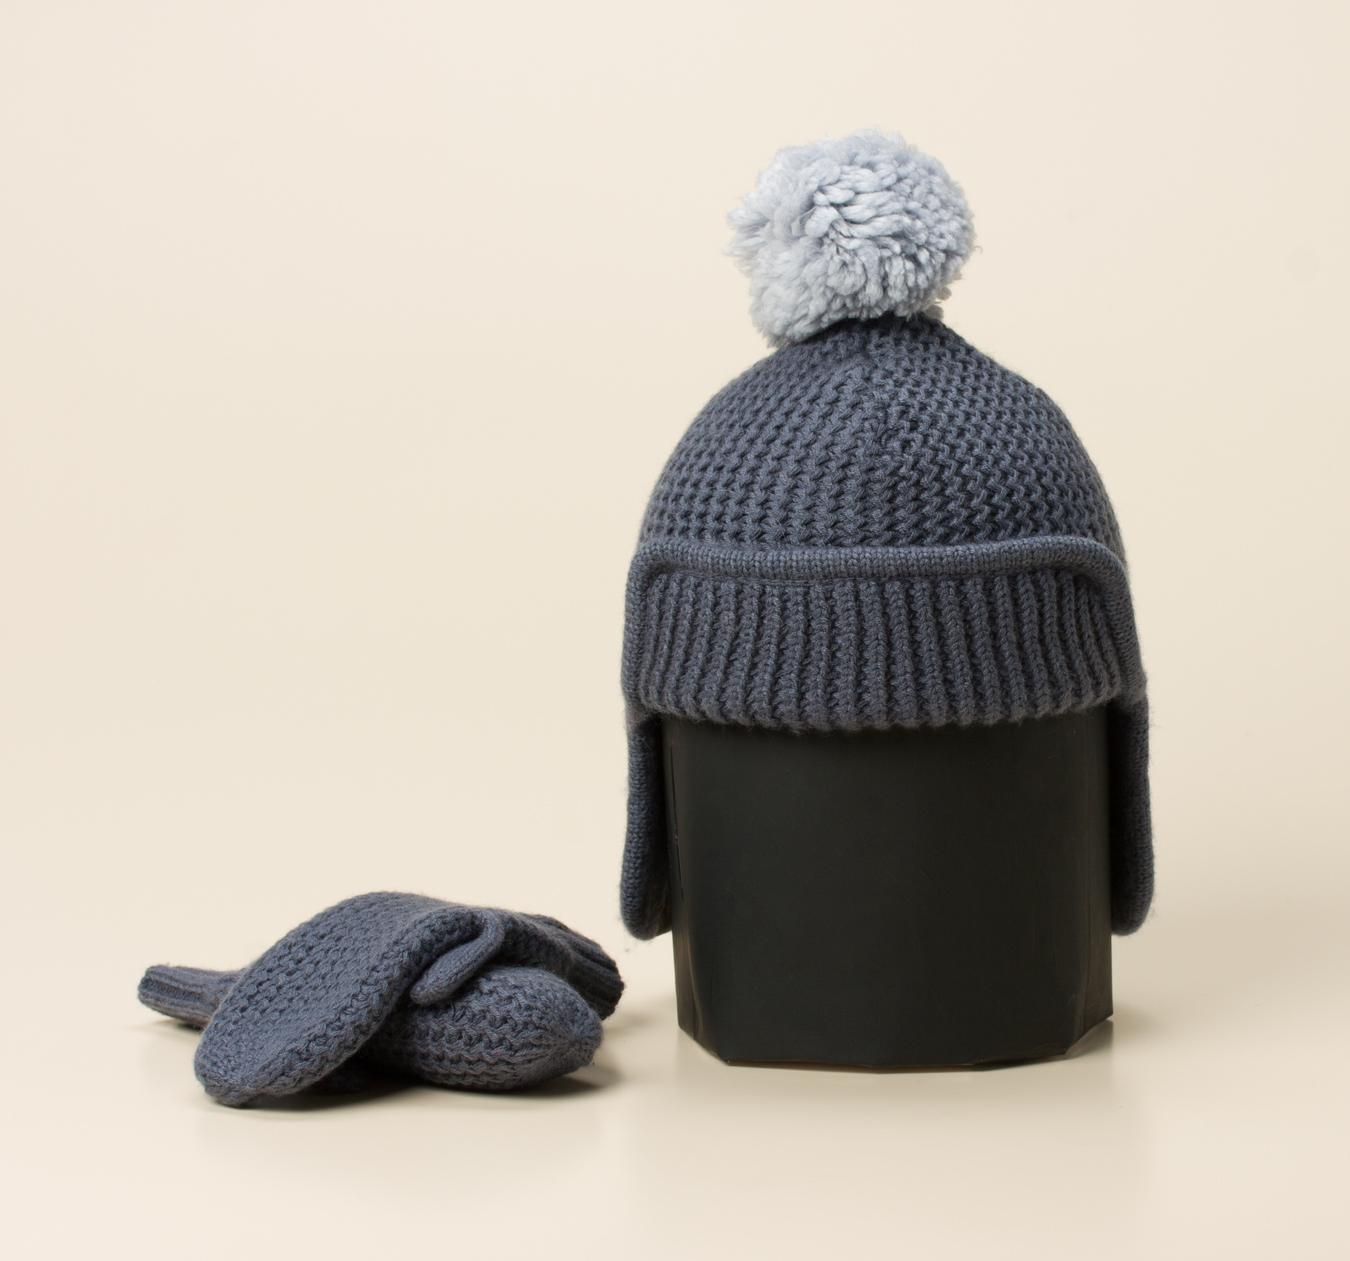 59553284a865a4 Kinder Mütze und Handschuhe (Set)